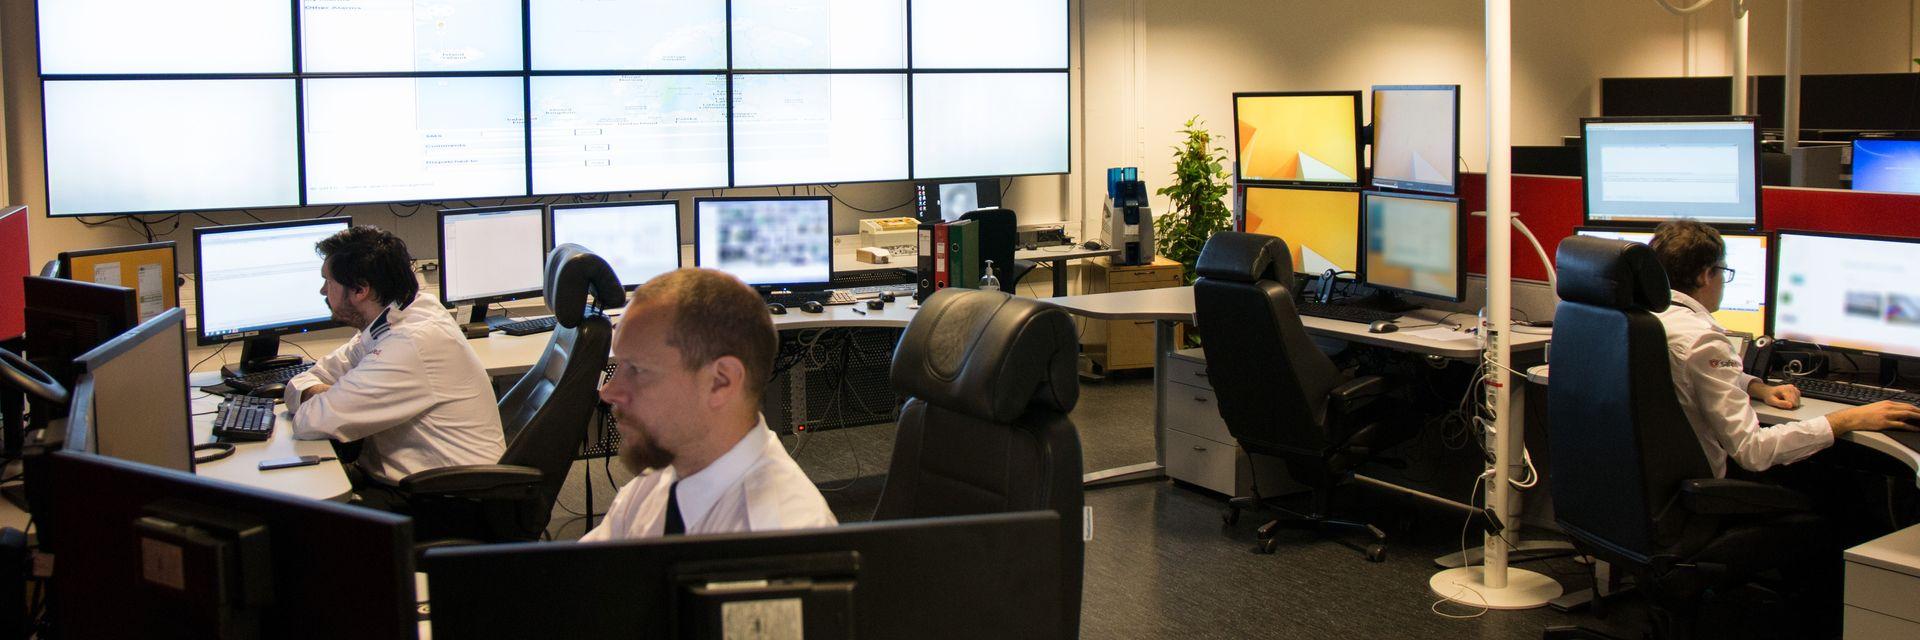 Alarmsentralen til Safe4 i Oslo, der selskapet overvåker et vell av alarmsytemer.